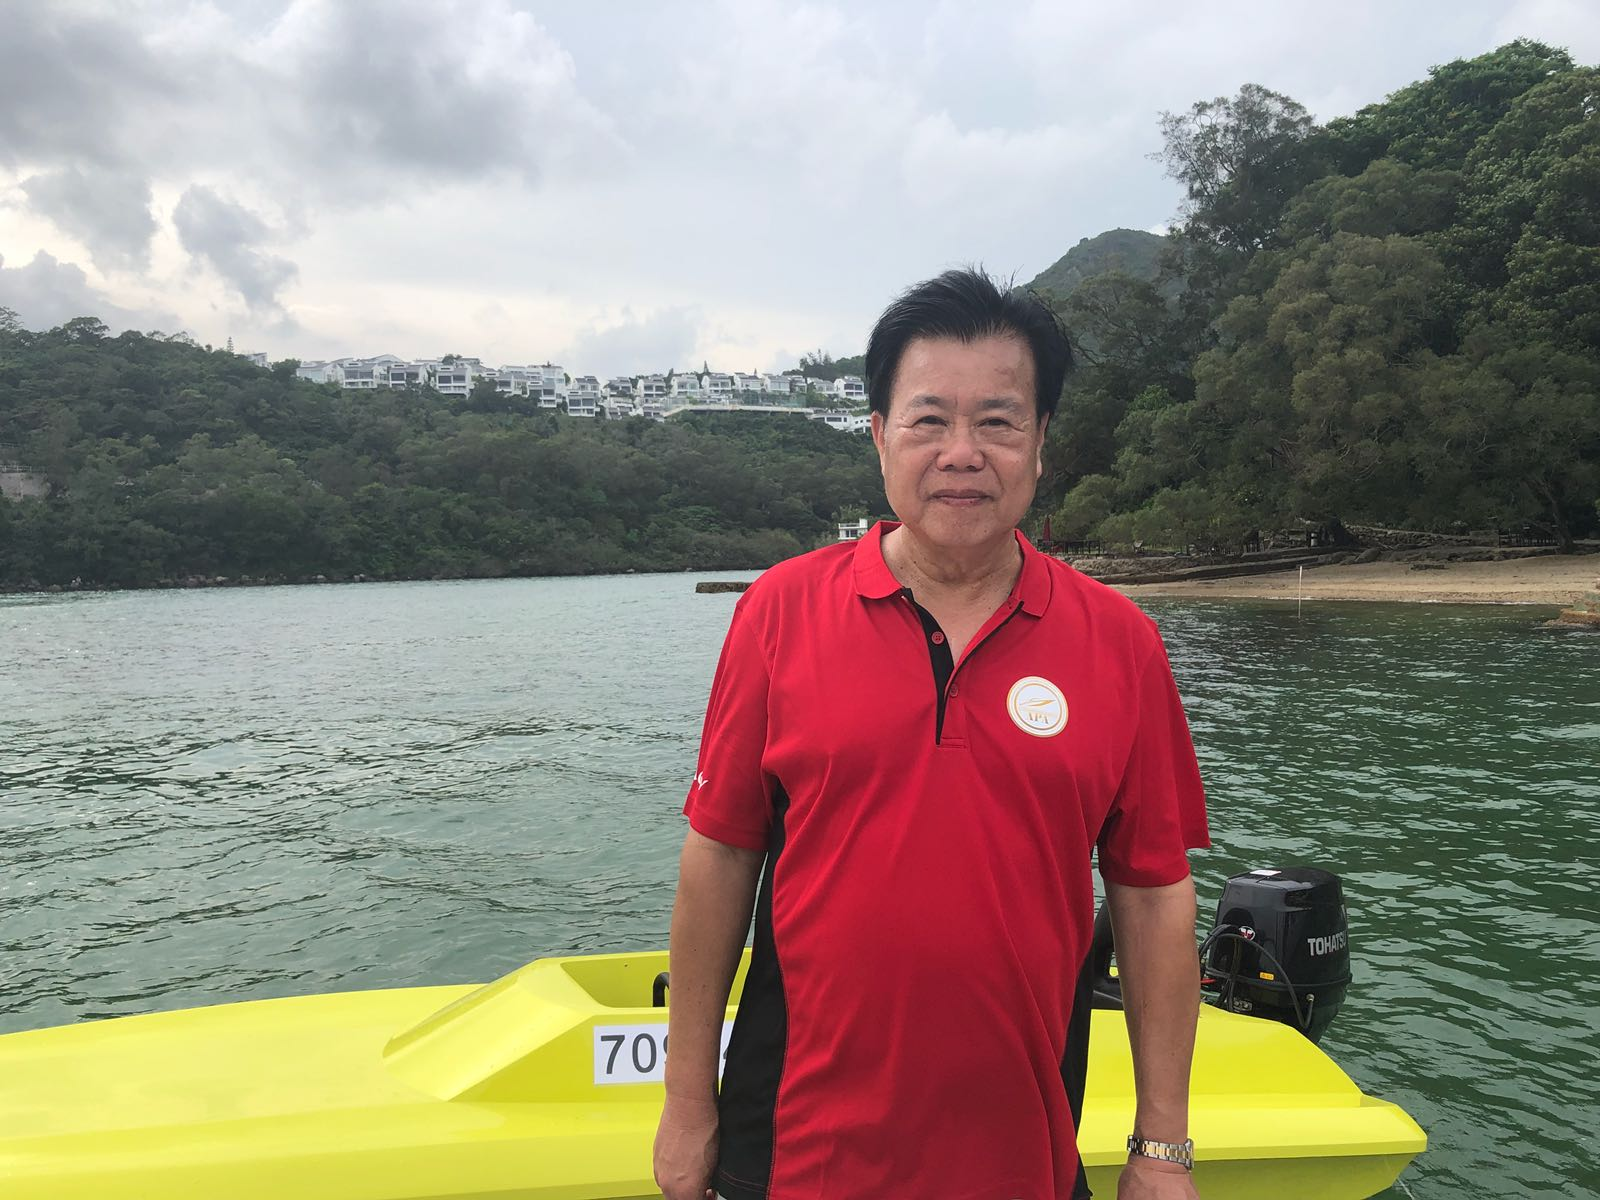 亞洲賽艇協會創會副會長及行政總監江水生先生希望,更多青年參與賽艇運動。鄺沛同攝